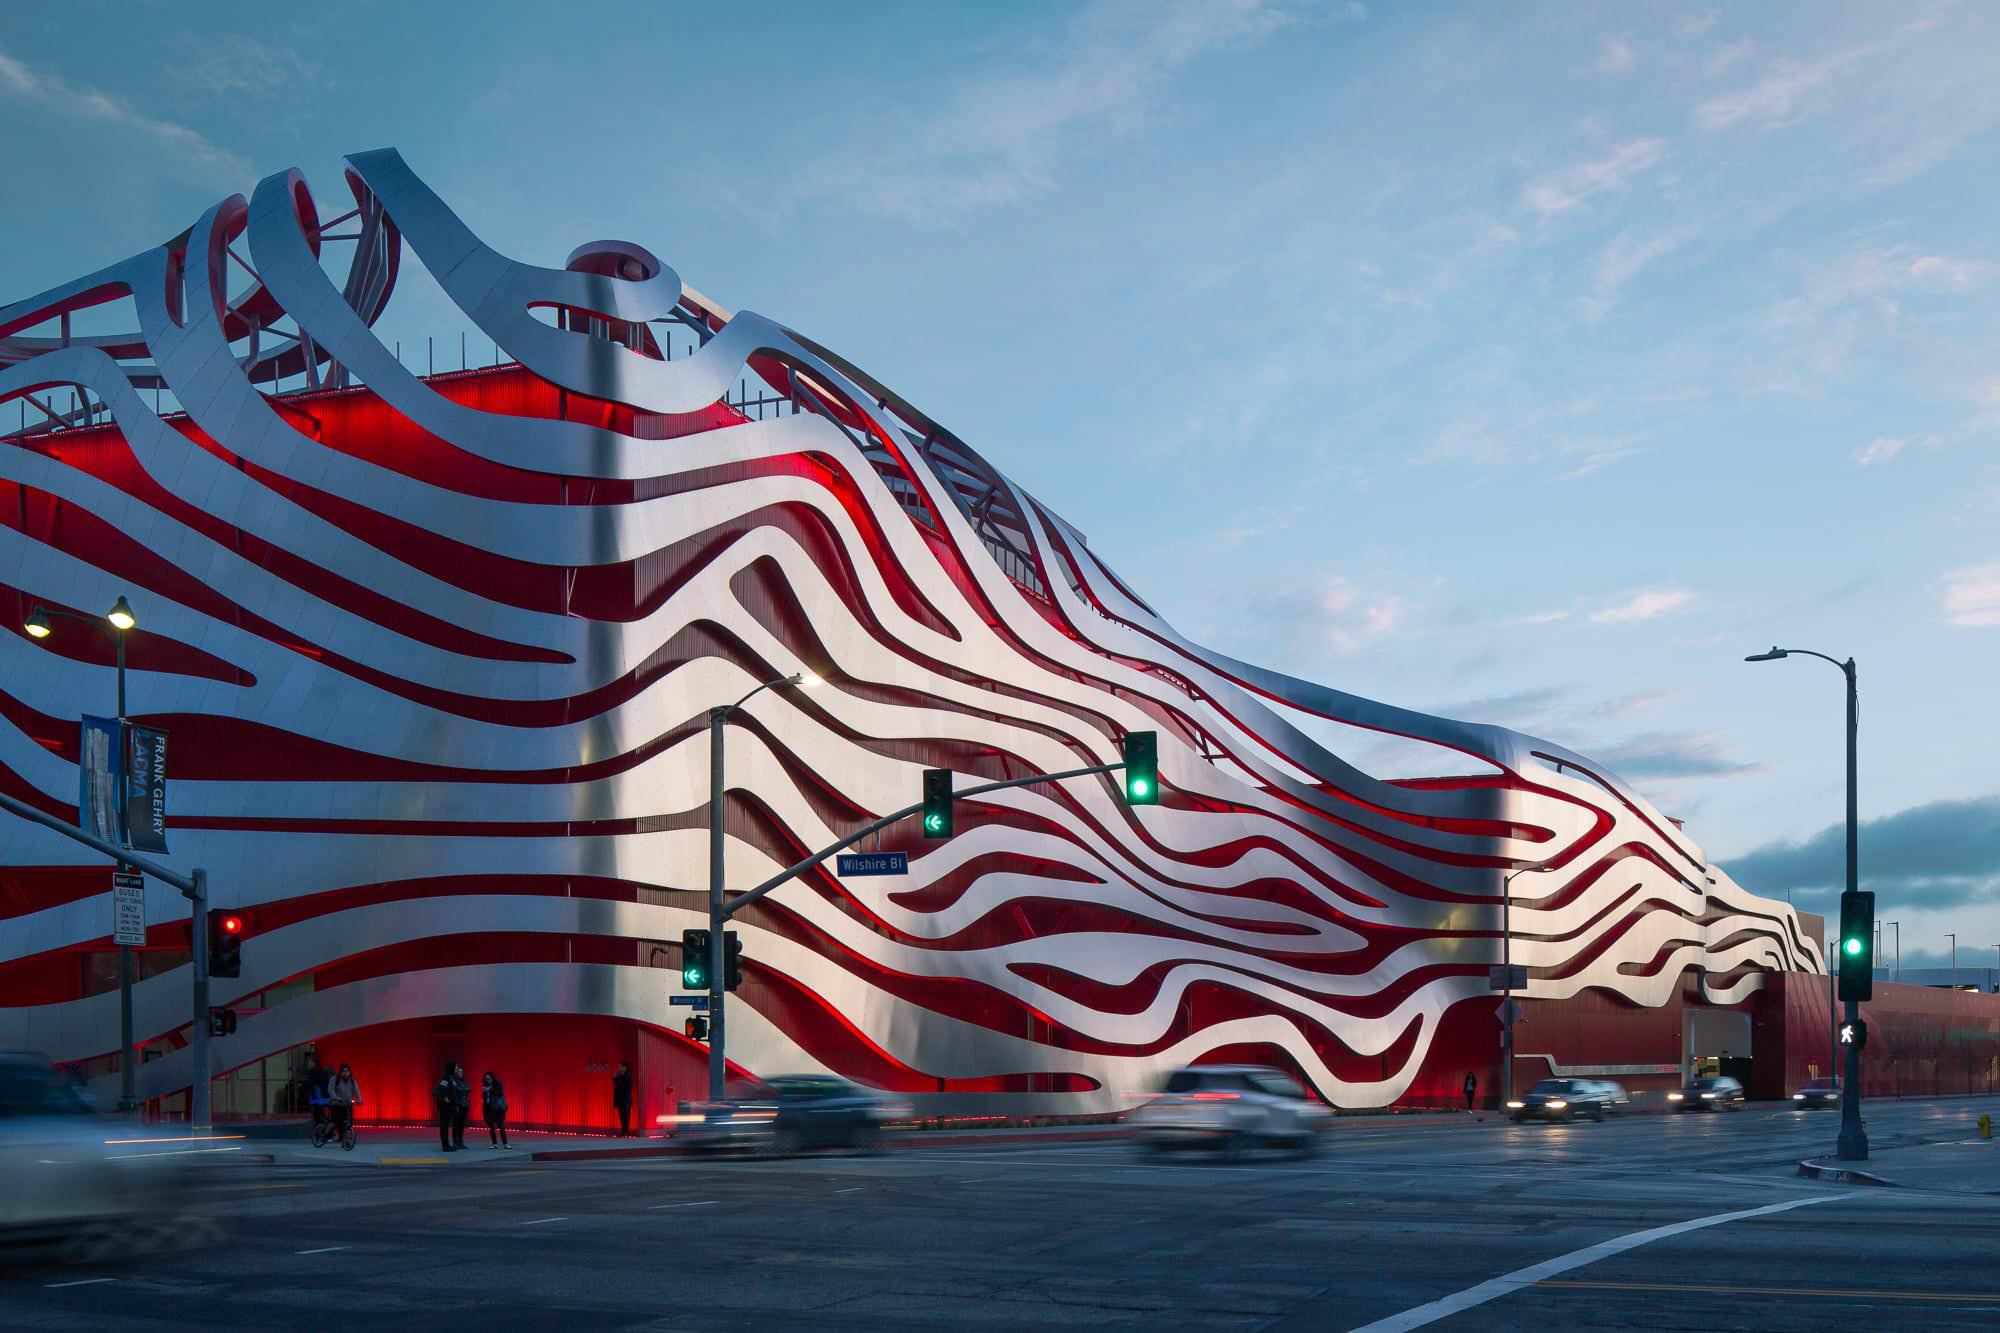 Petersen-Automotive-Museum-1.jpg